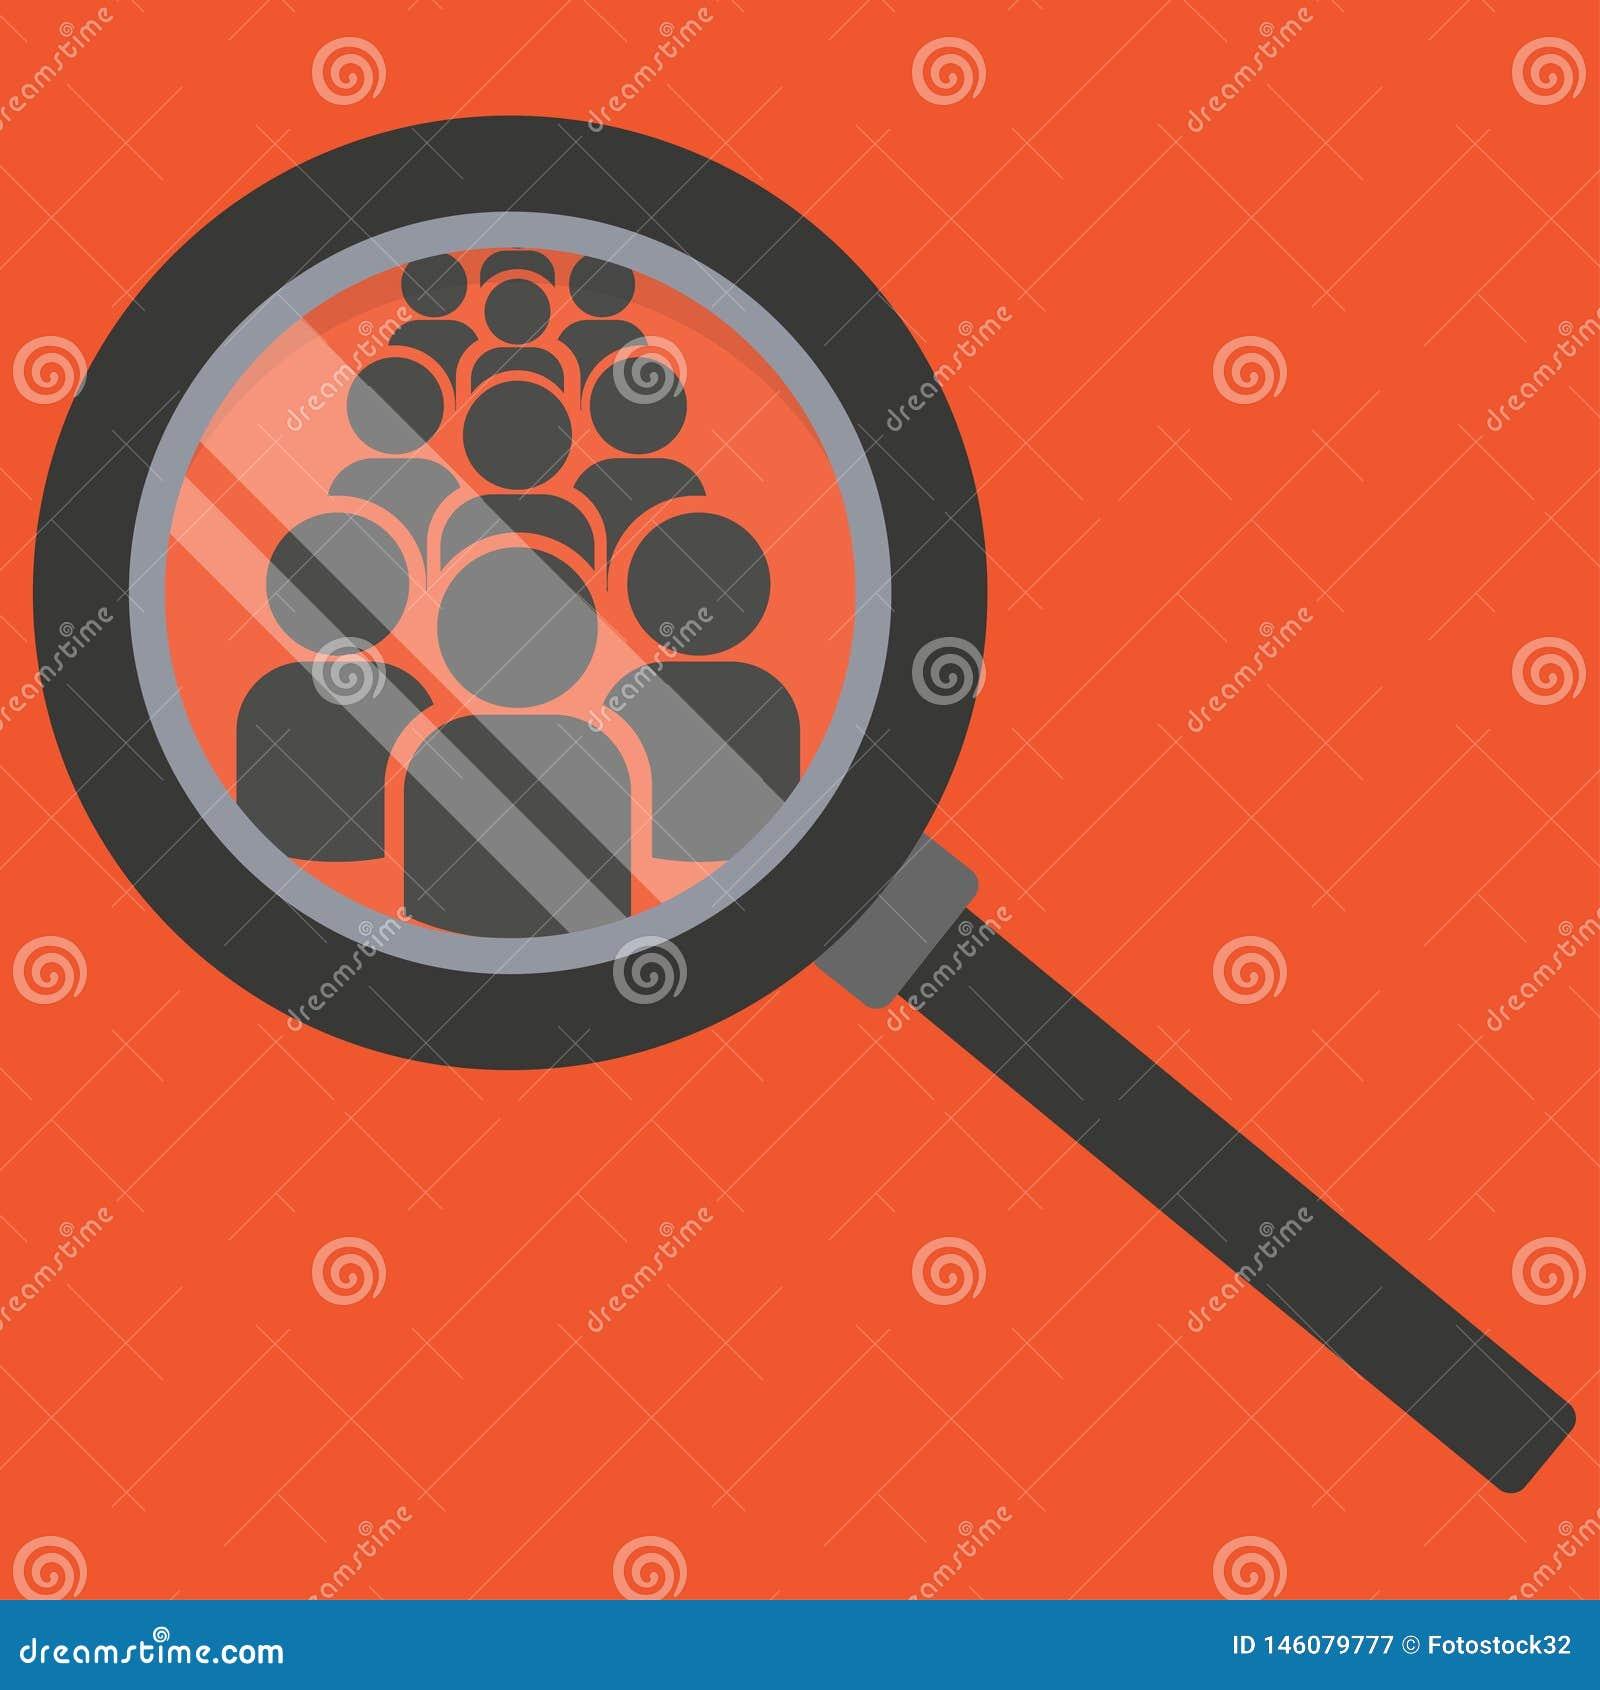 Εικονίδιο αναζήτησης ομάδας Εξετάστε τους ανθρώπους κάτω από μια ενίσχυση - γυαλί